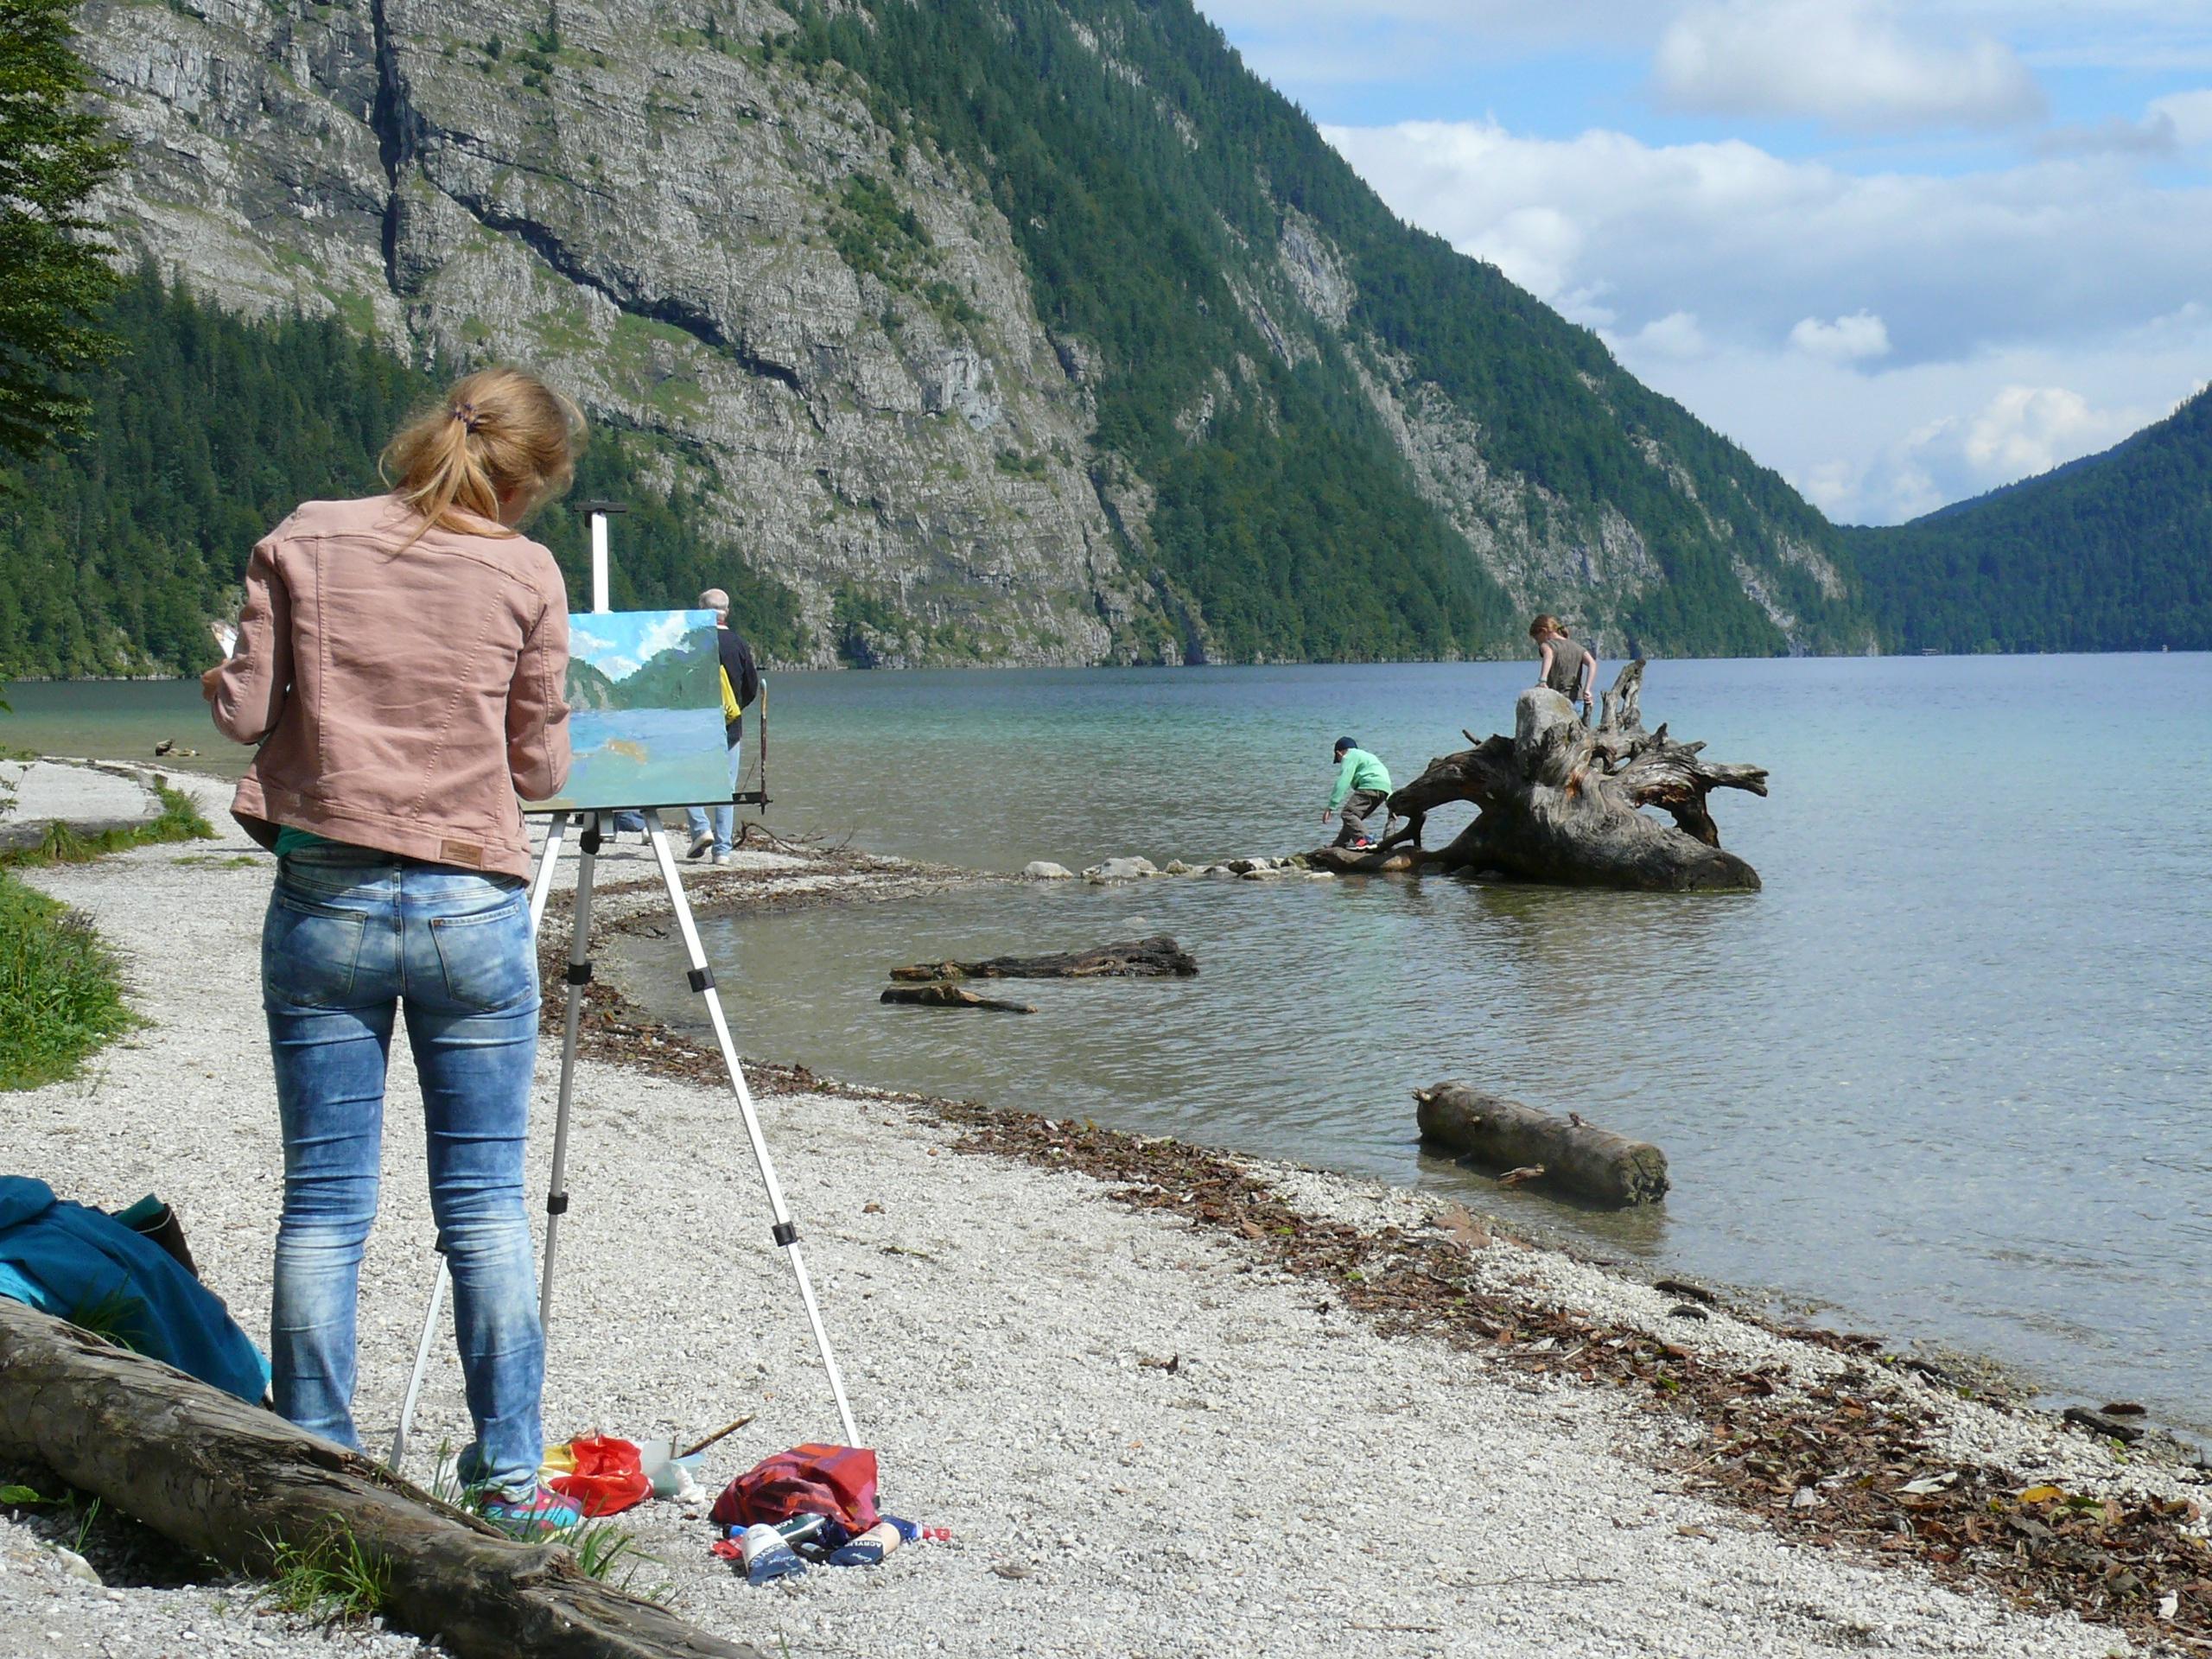 Fotos Gratis Paisaje Mar Naturaleza Para Caminar Lago País